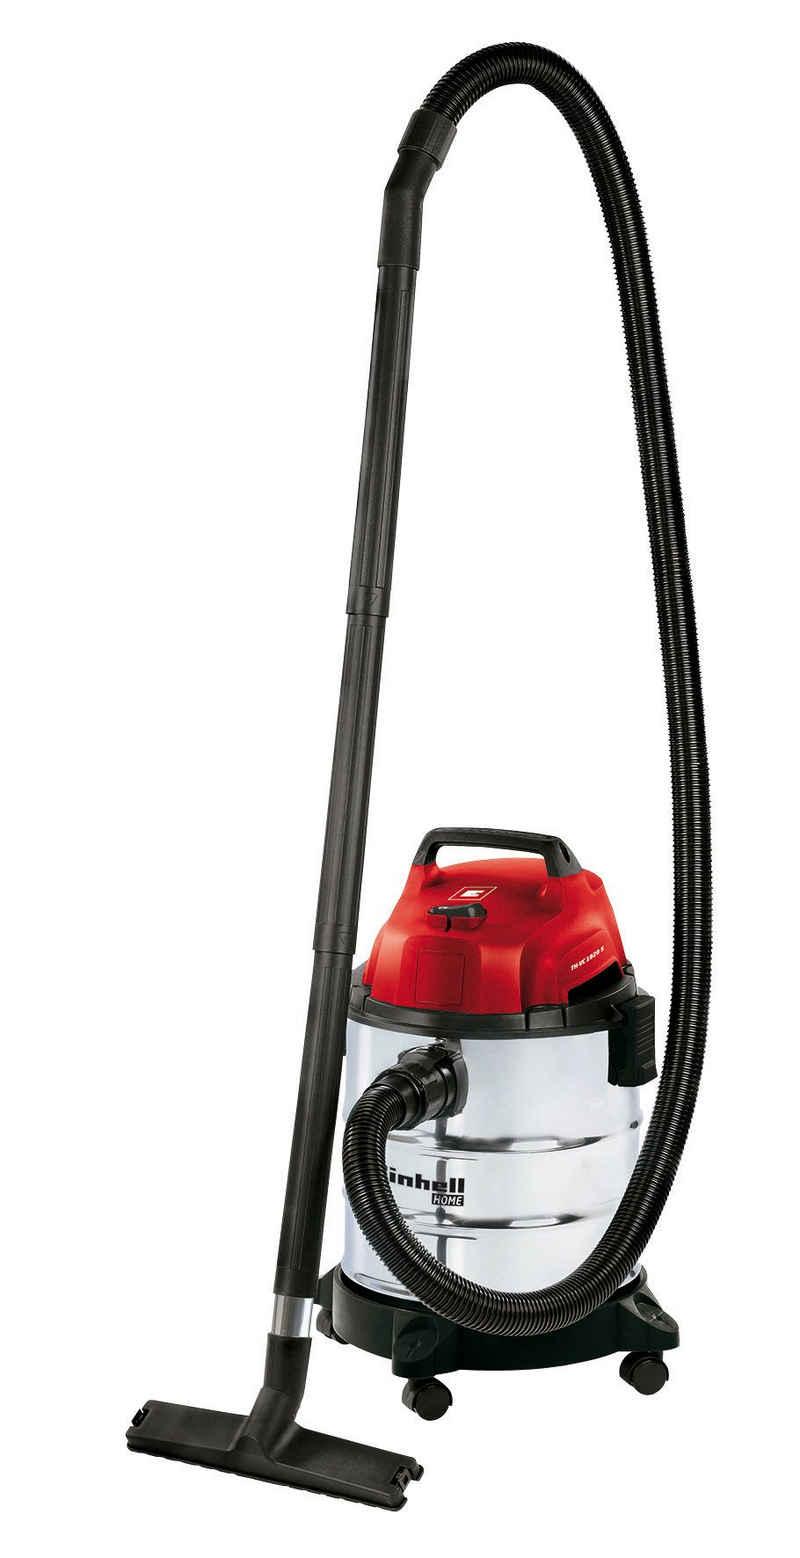 Einhell Nass-Trocken-Sauger TH-VC 1820 S, 1250 Watt, 4 Lenkrollen Zubehörhalterung Kabelhalterung Blasanschluss